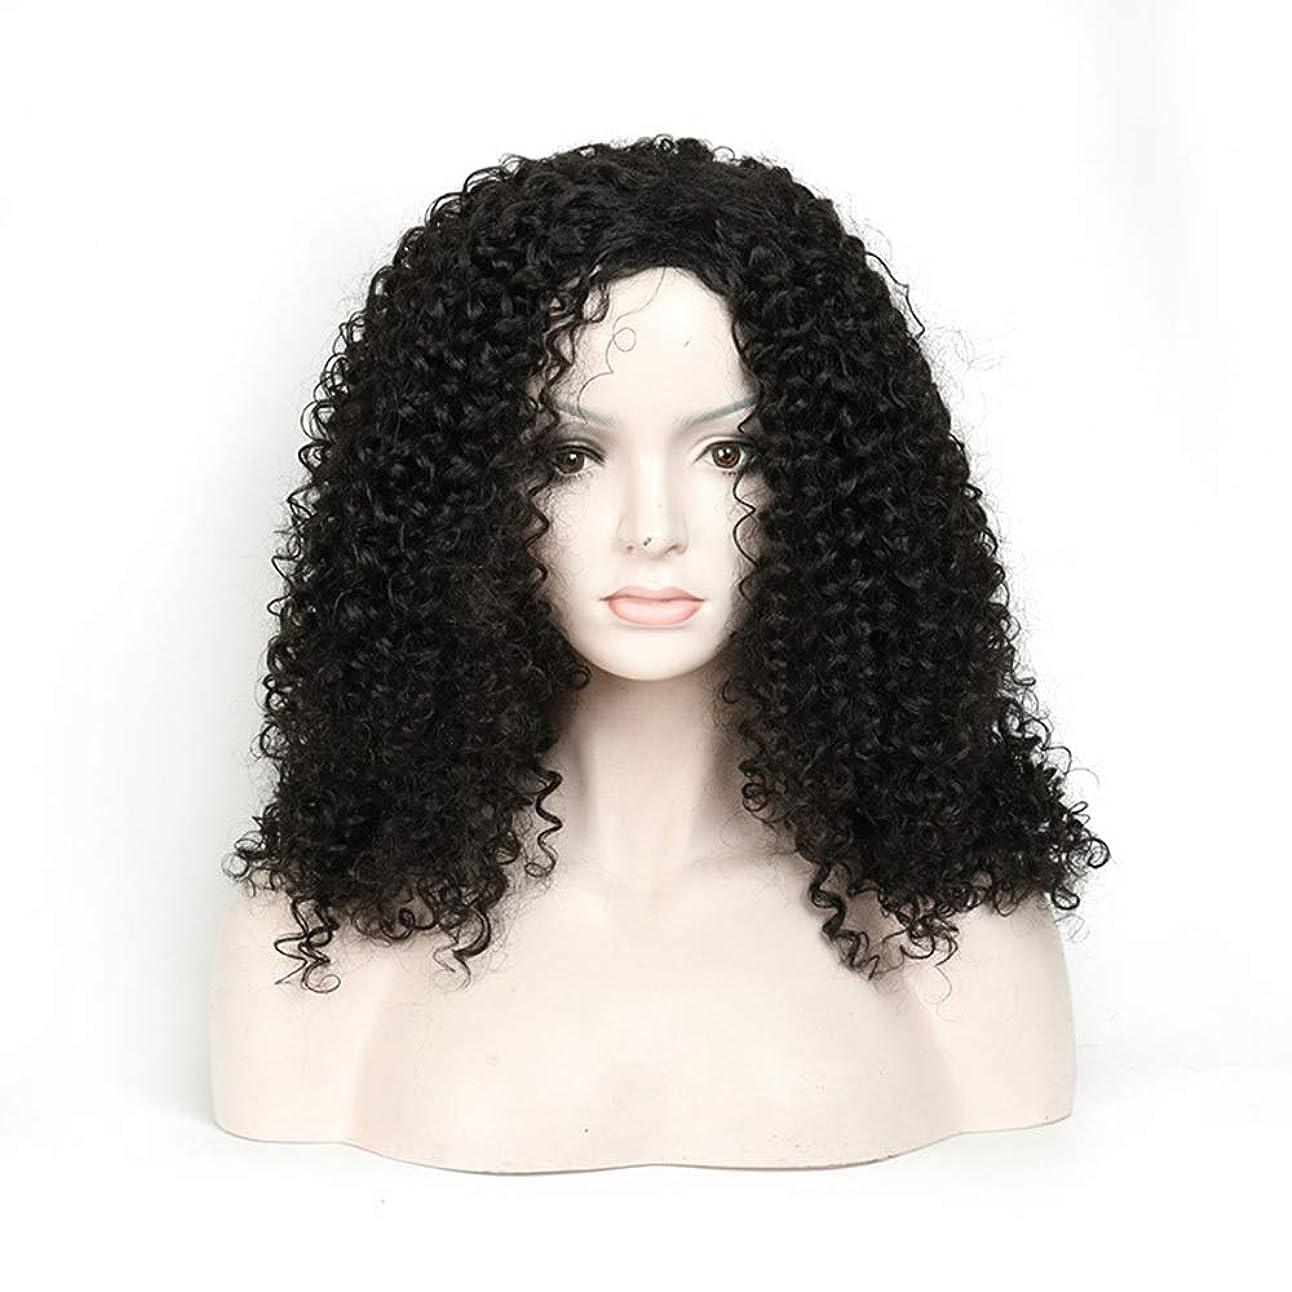 チップモニカクランプIsikawan 長い巻き毛のかつら18インチ女性の毎日の服の人工毛のアフリカの黒 (色 : ブラック)